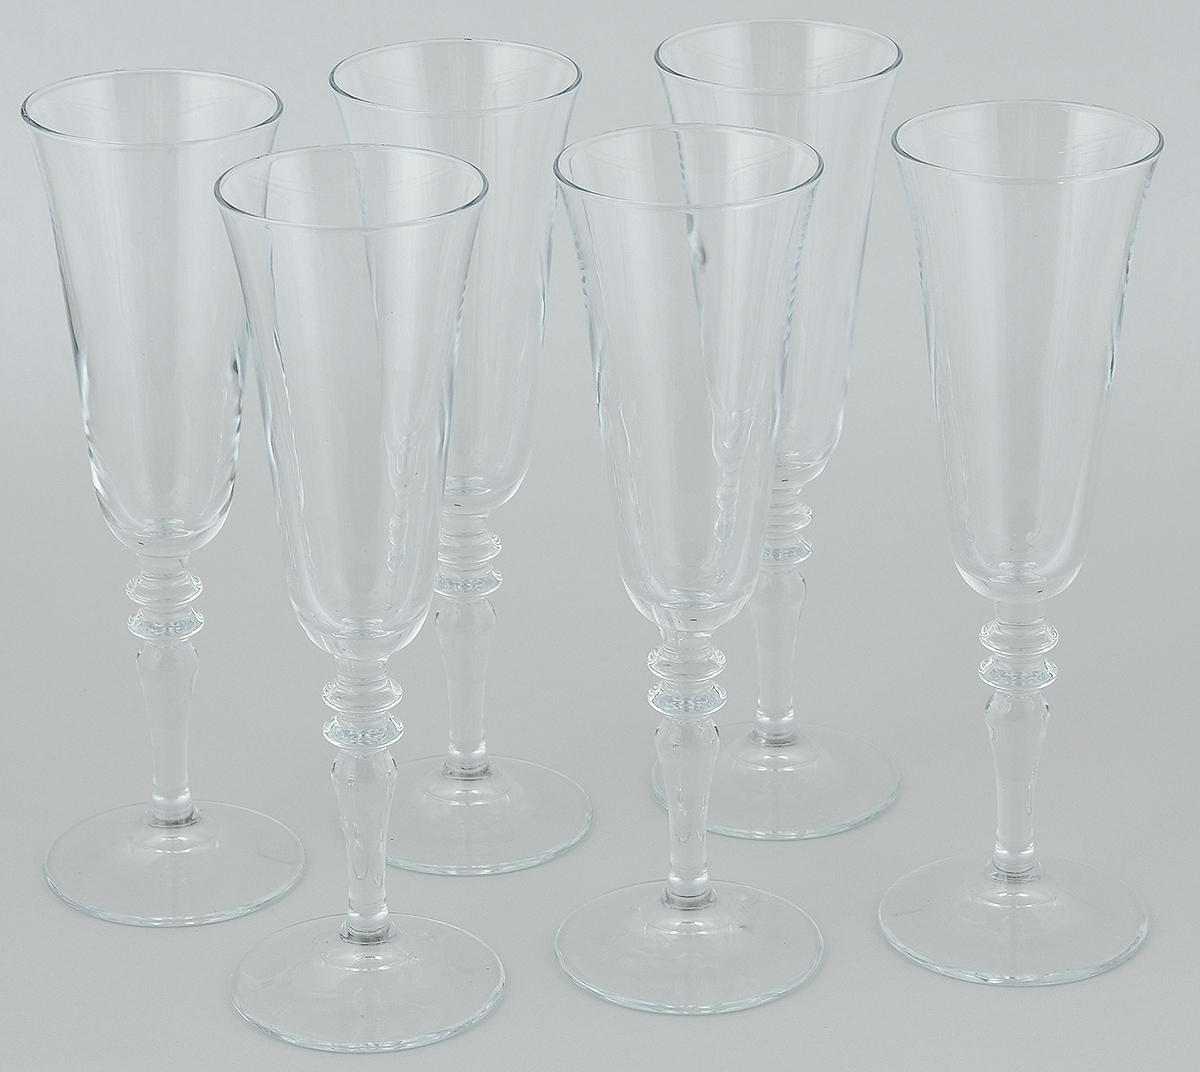 Набор бокалов Pasabahce Vintage, 190 мл, 6 шт440283BНабор Pasabahce Vintage состоит из шести бокалов, выполненных из прочного натрий-кальций-силикатного стекла. Изделия оснащены высокими ножками и предназначены для подачи вина. Они сочетают в себе элегантный дизайн и функциональность. Набор бокалов Pasabahce Vintage прекрасно оформит праздничный стол и создаст приятную атмосферу за романтическим ужином. Такой набор также станет хорошим подарком к любому случаю. Высота бокала: 23 см. Диаметр бокала: 7 см.